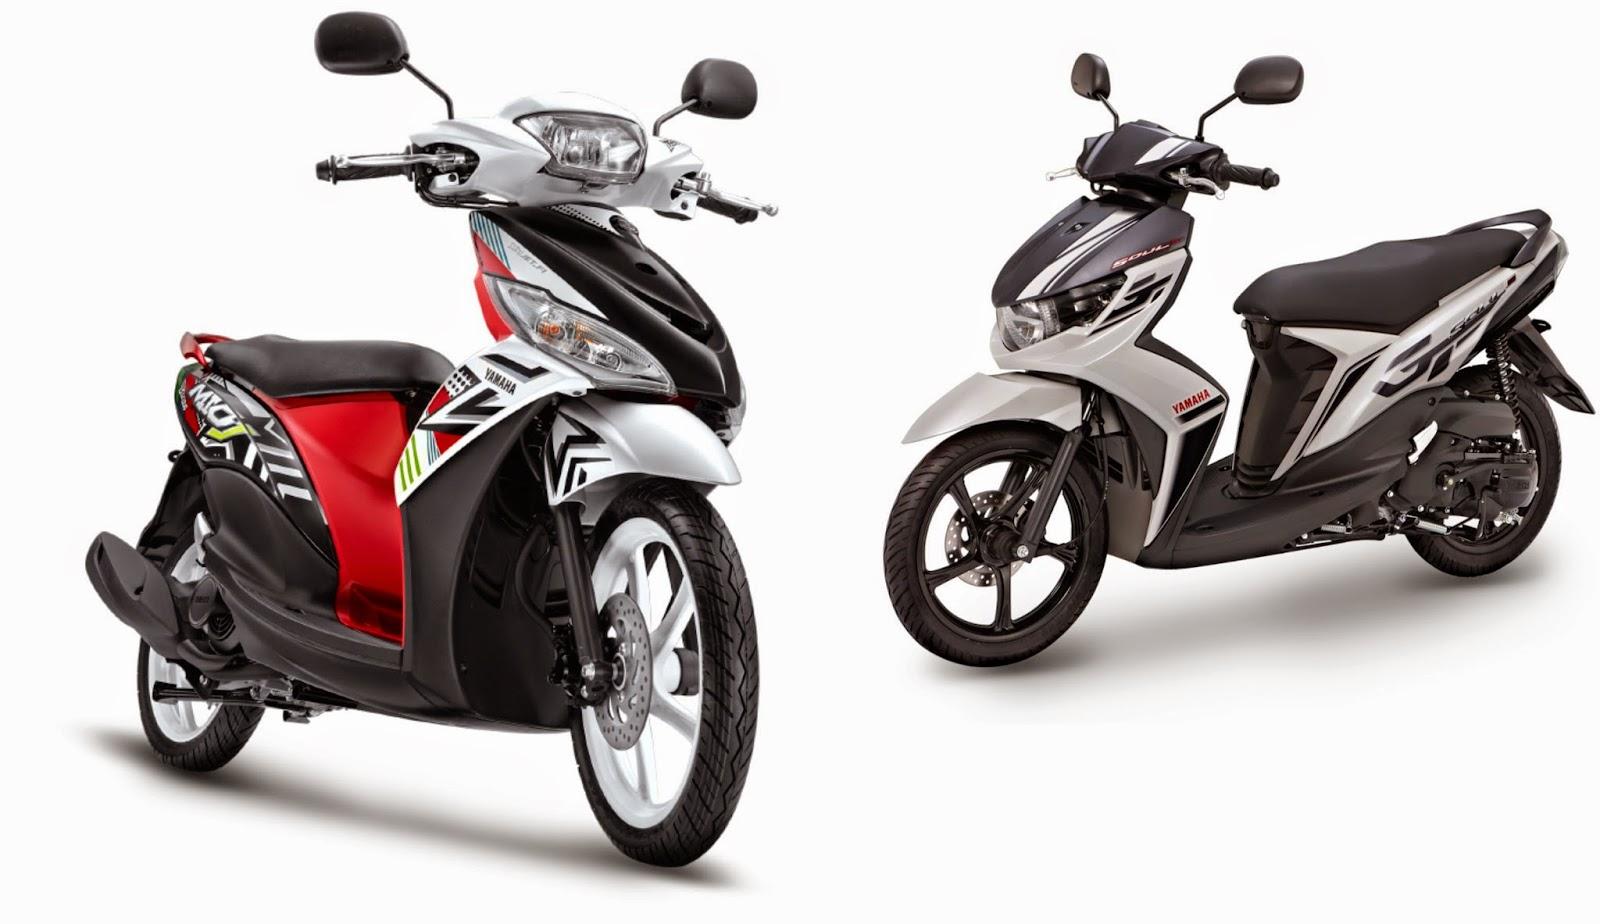 Taris Sewa Motor Semarang, Rental Motor, Rental Motor Semarang, Sewa Motor, Sewa Motor Semarang, Rental Motor Murah Semarang, Sewa Motor Murah Semarang,